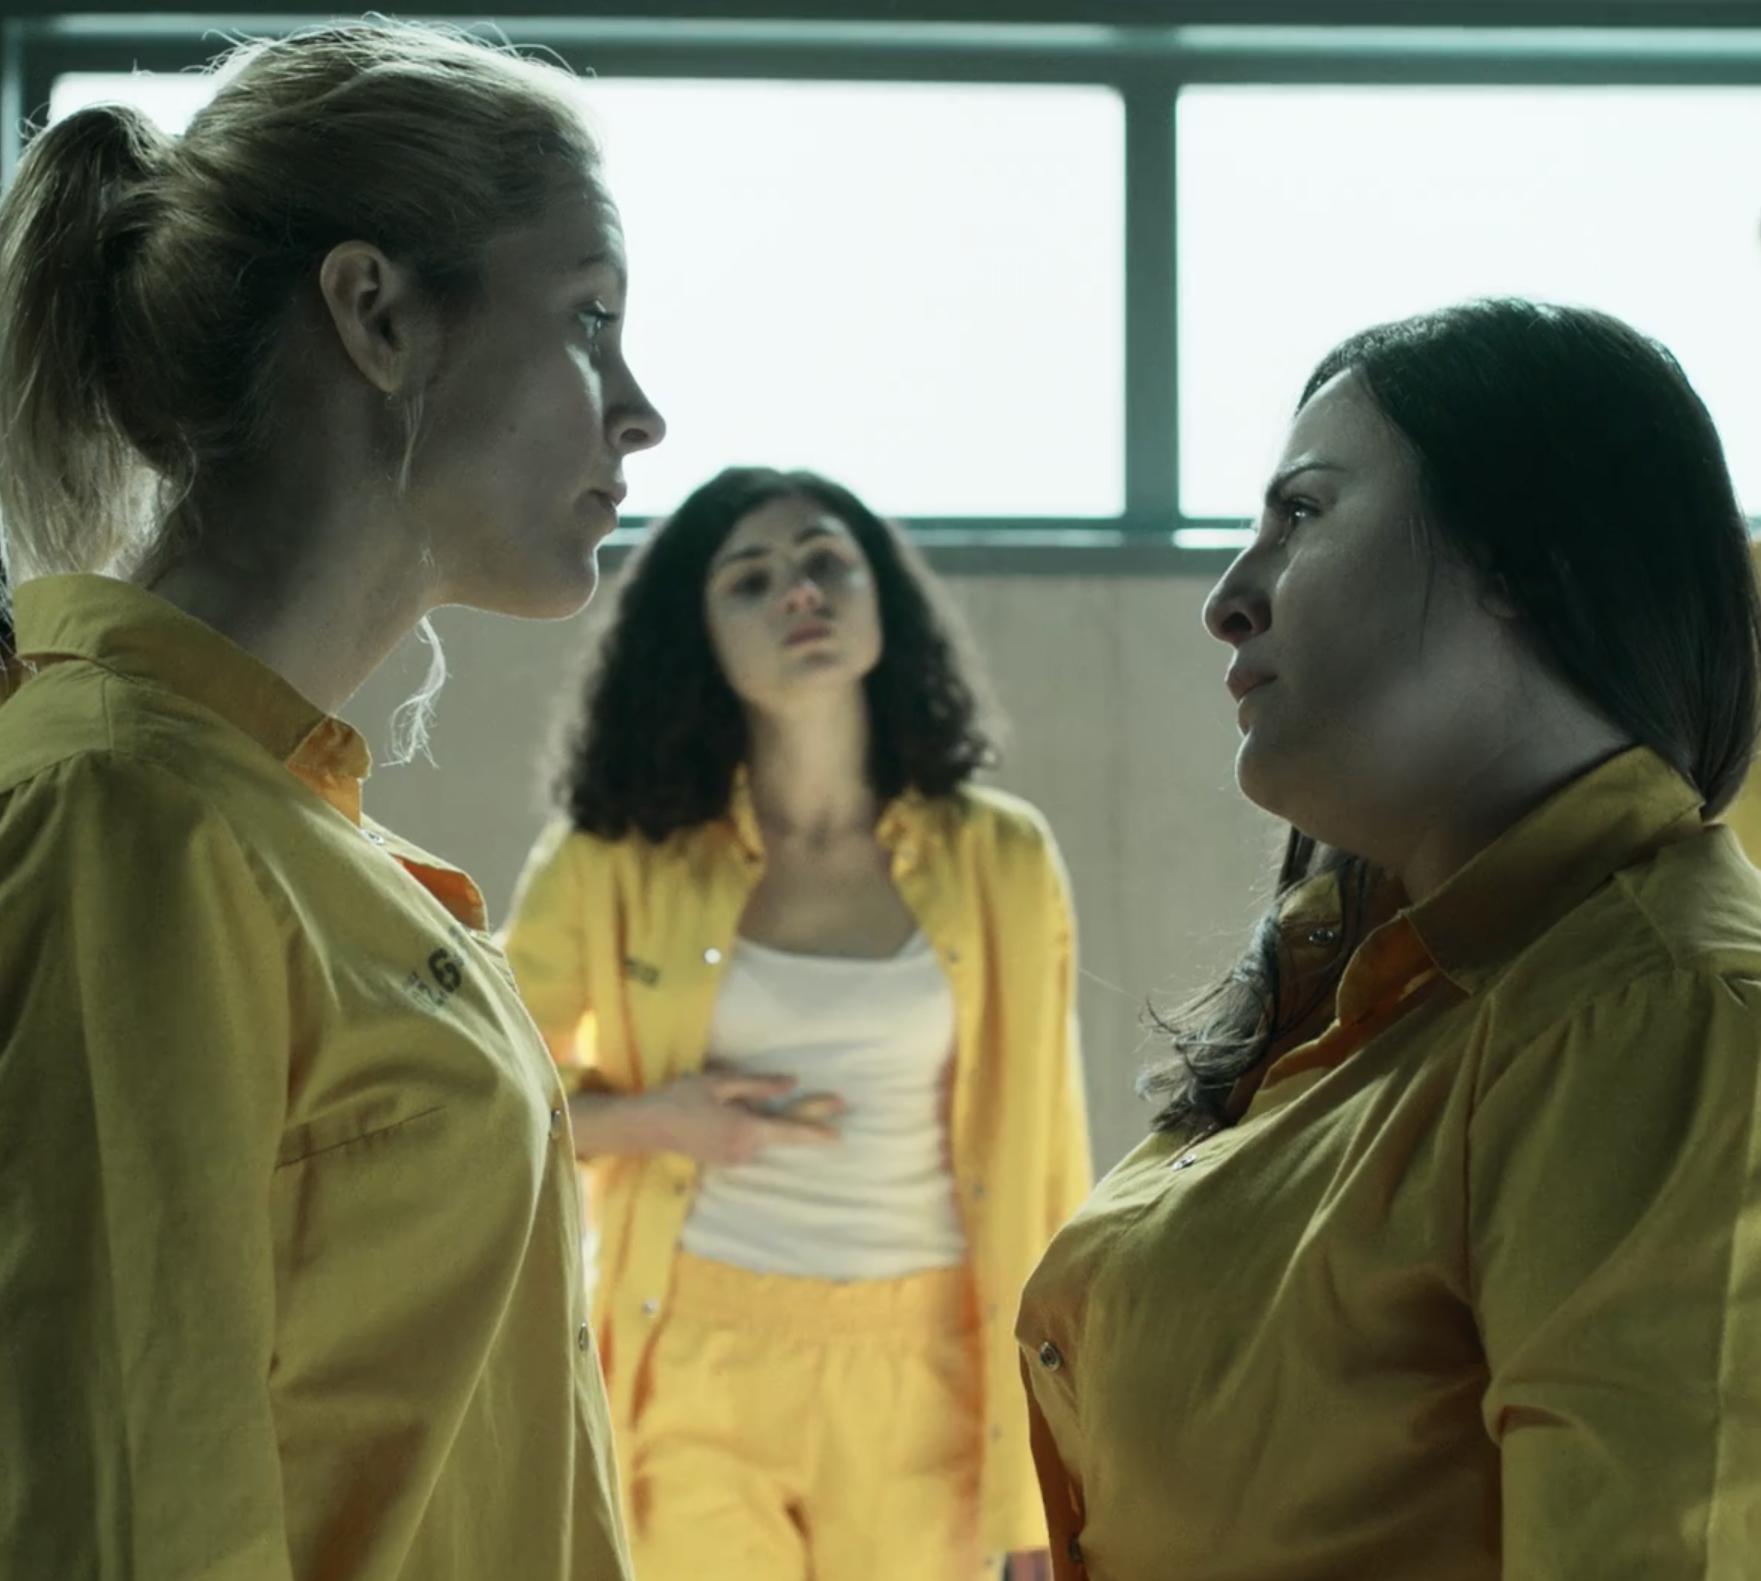 ロック・アップ / スペイン 女子刑務所